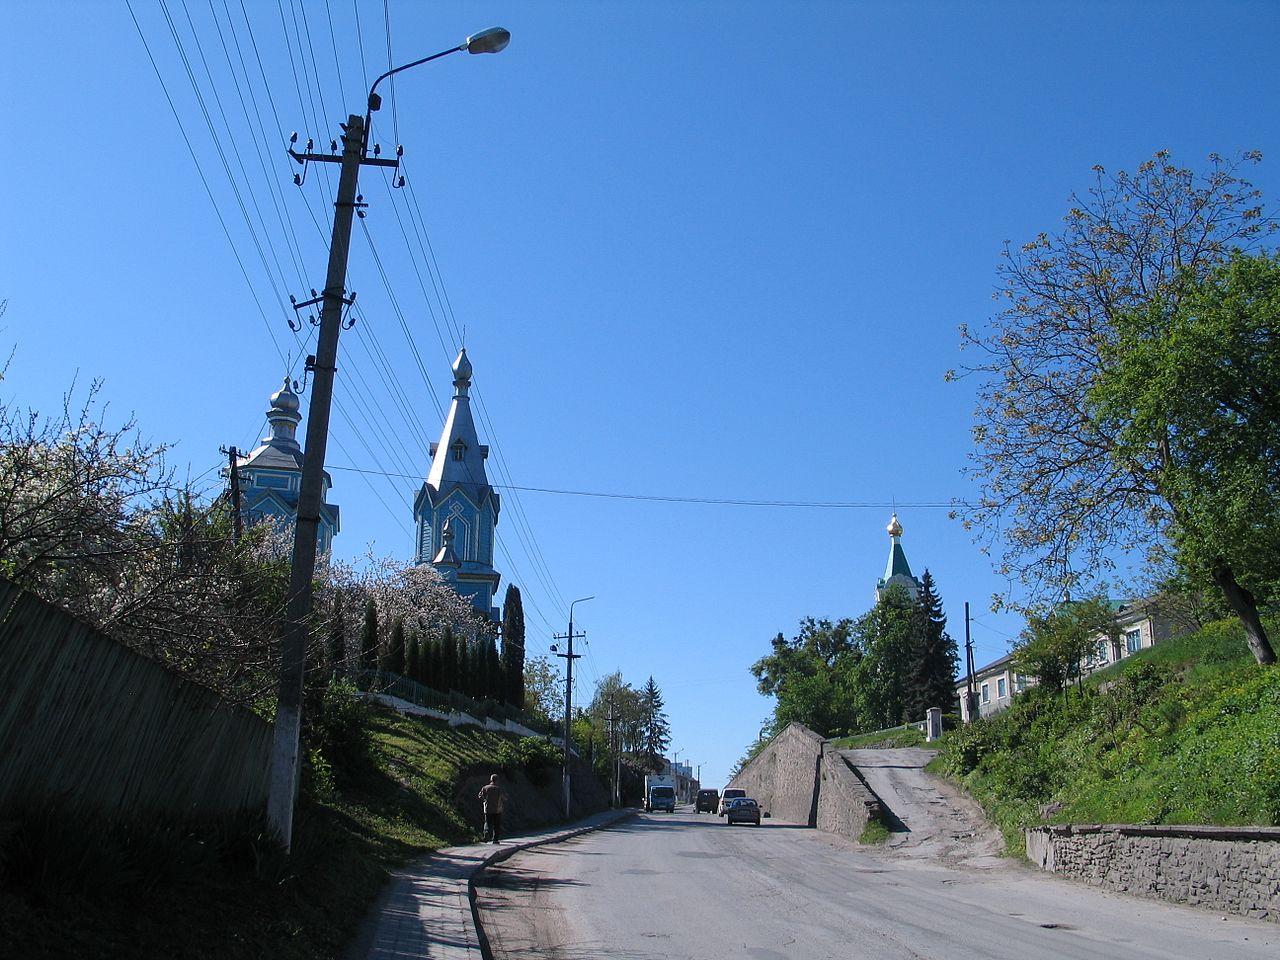 https://commons.wikimedia.org/wiki/Category:Streets_in_Kremenets#/media/File:Kremenets,_Shevchenka_street.JPG